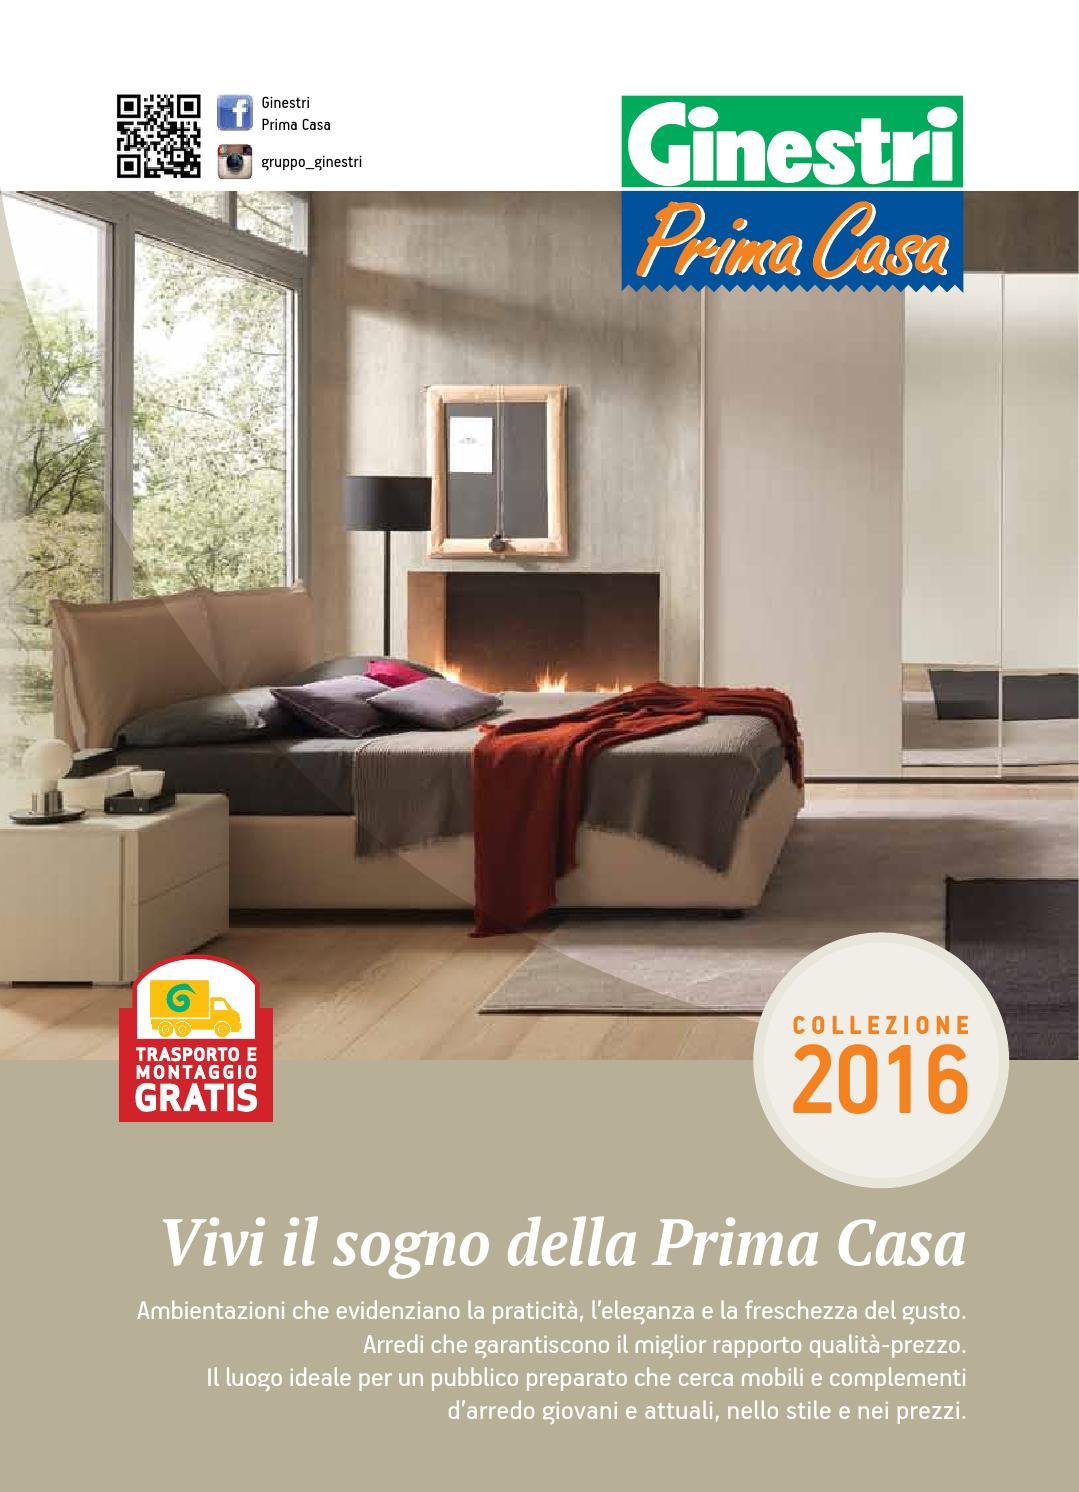 Ginestri Prima Casa 2016 by Kynetos S.r.l. - issuu